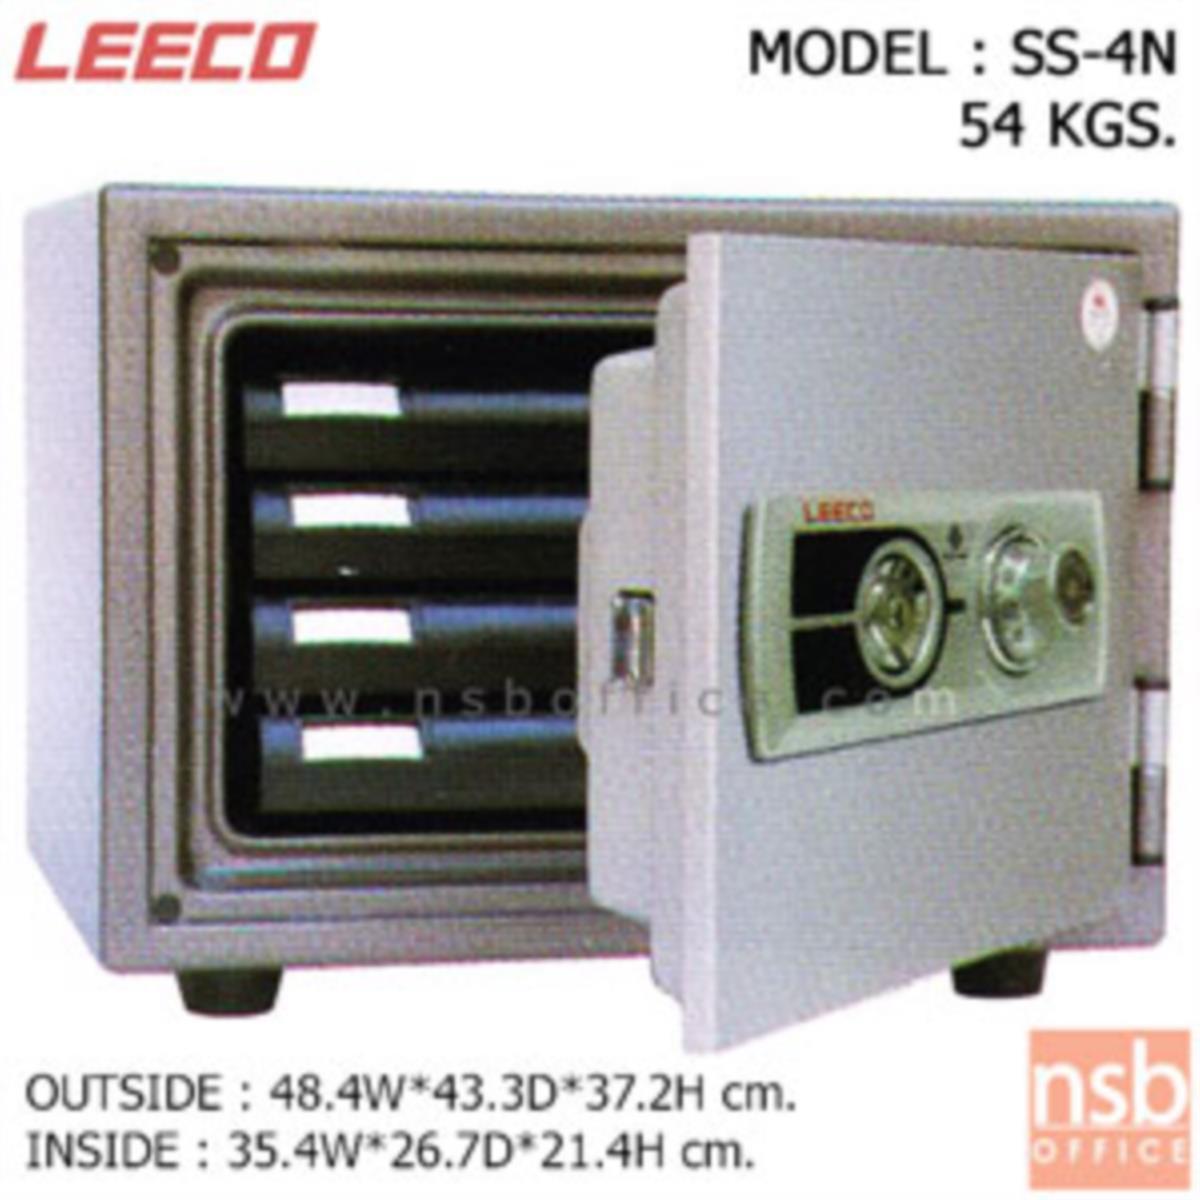 ตู้เซฟนิรภัย 54 กก.(แนวนอน) ลีโก้ รุ่น SS-4N มี 1 กุญแจ 1 รหัส (มีถาดพลาสติก 4 ลิ้นชัก)